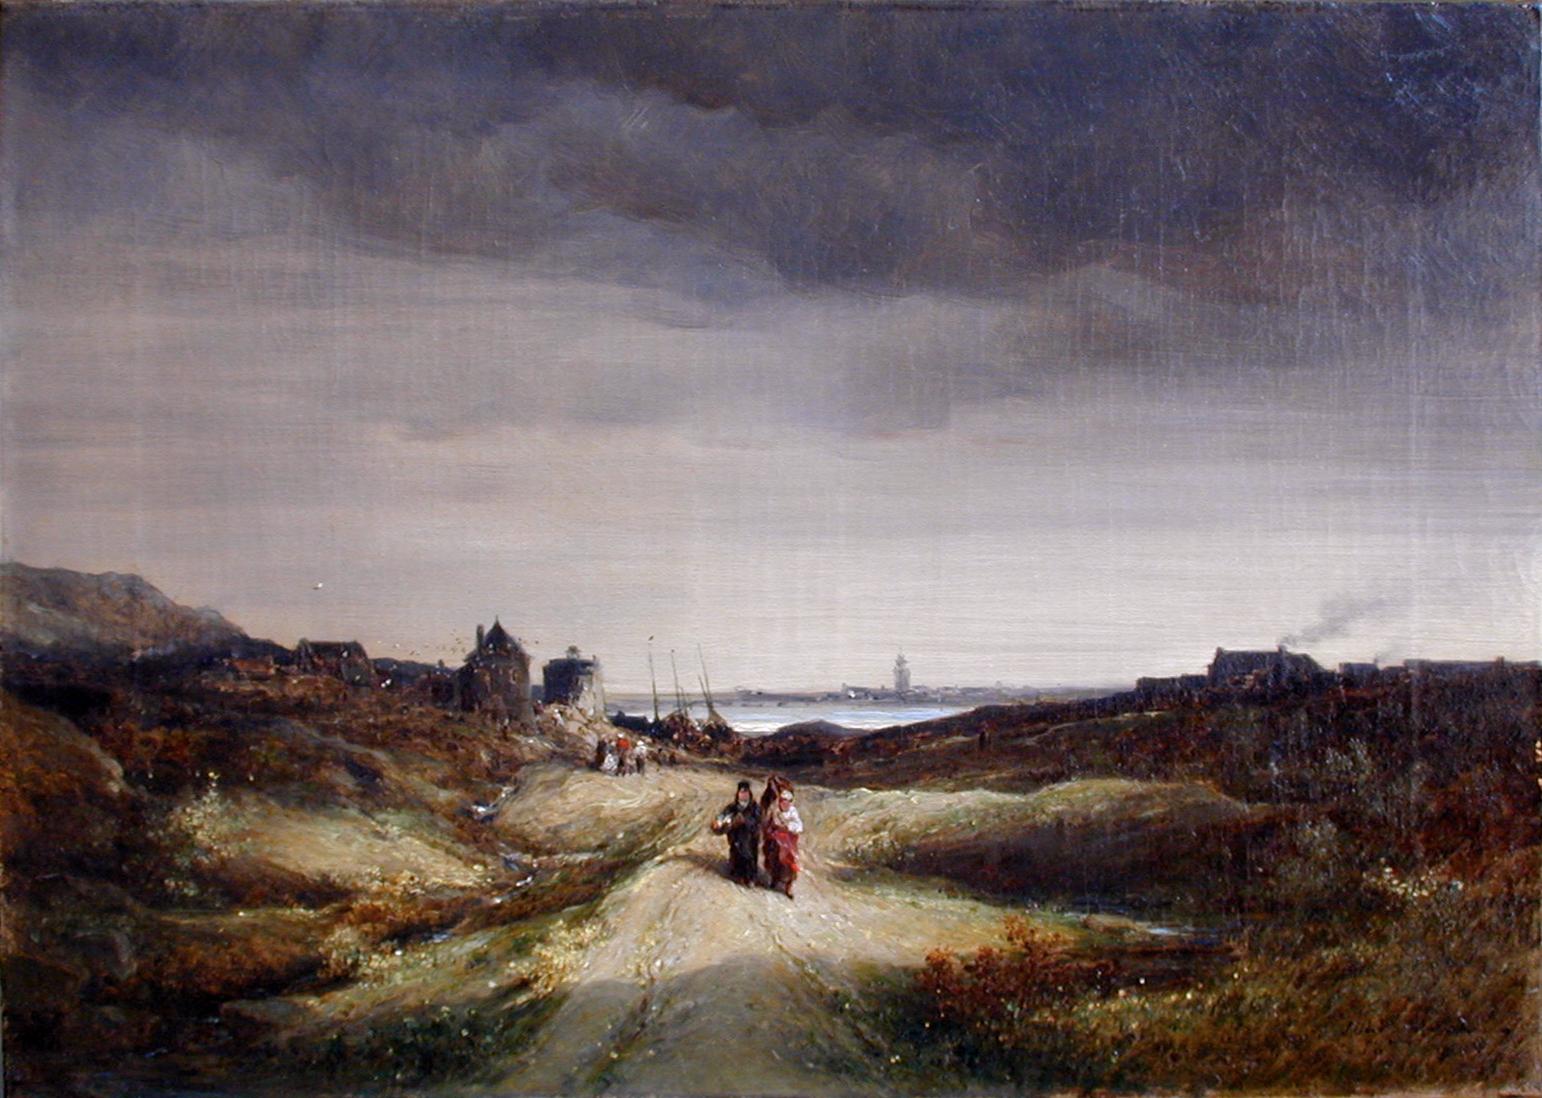 Jules Noël, Paysage maritime en Bretagne, 1877 © Musée de Valence, photographie Béatrice Roussel